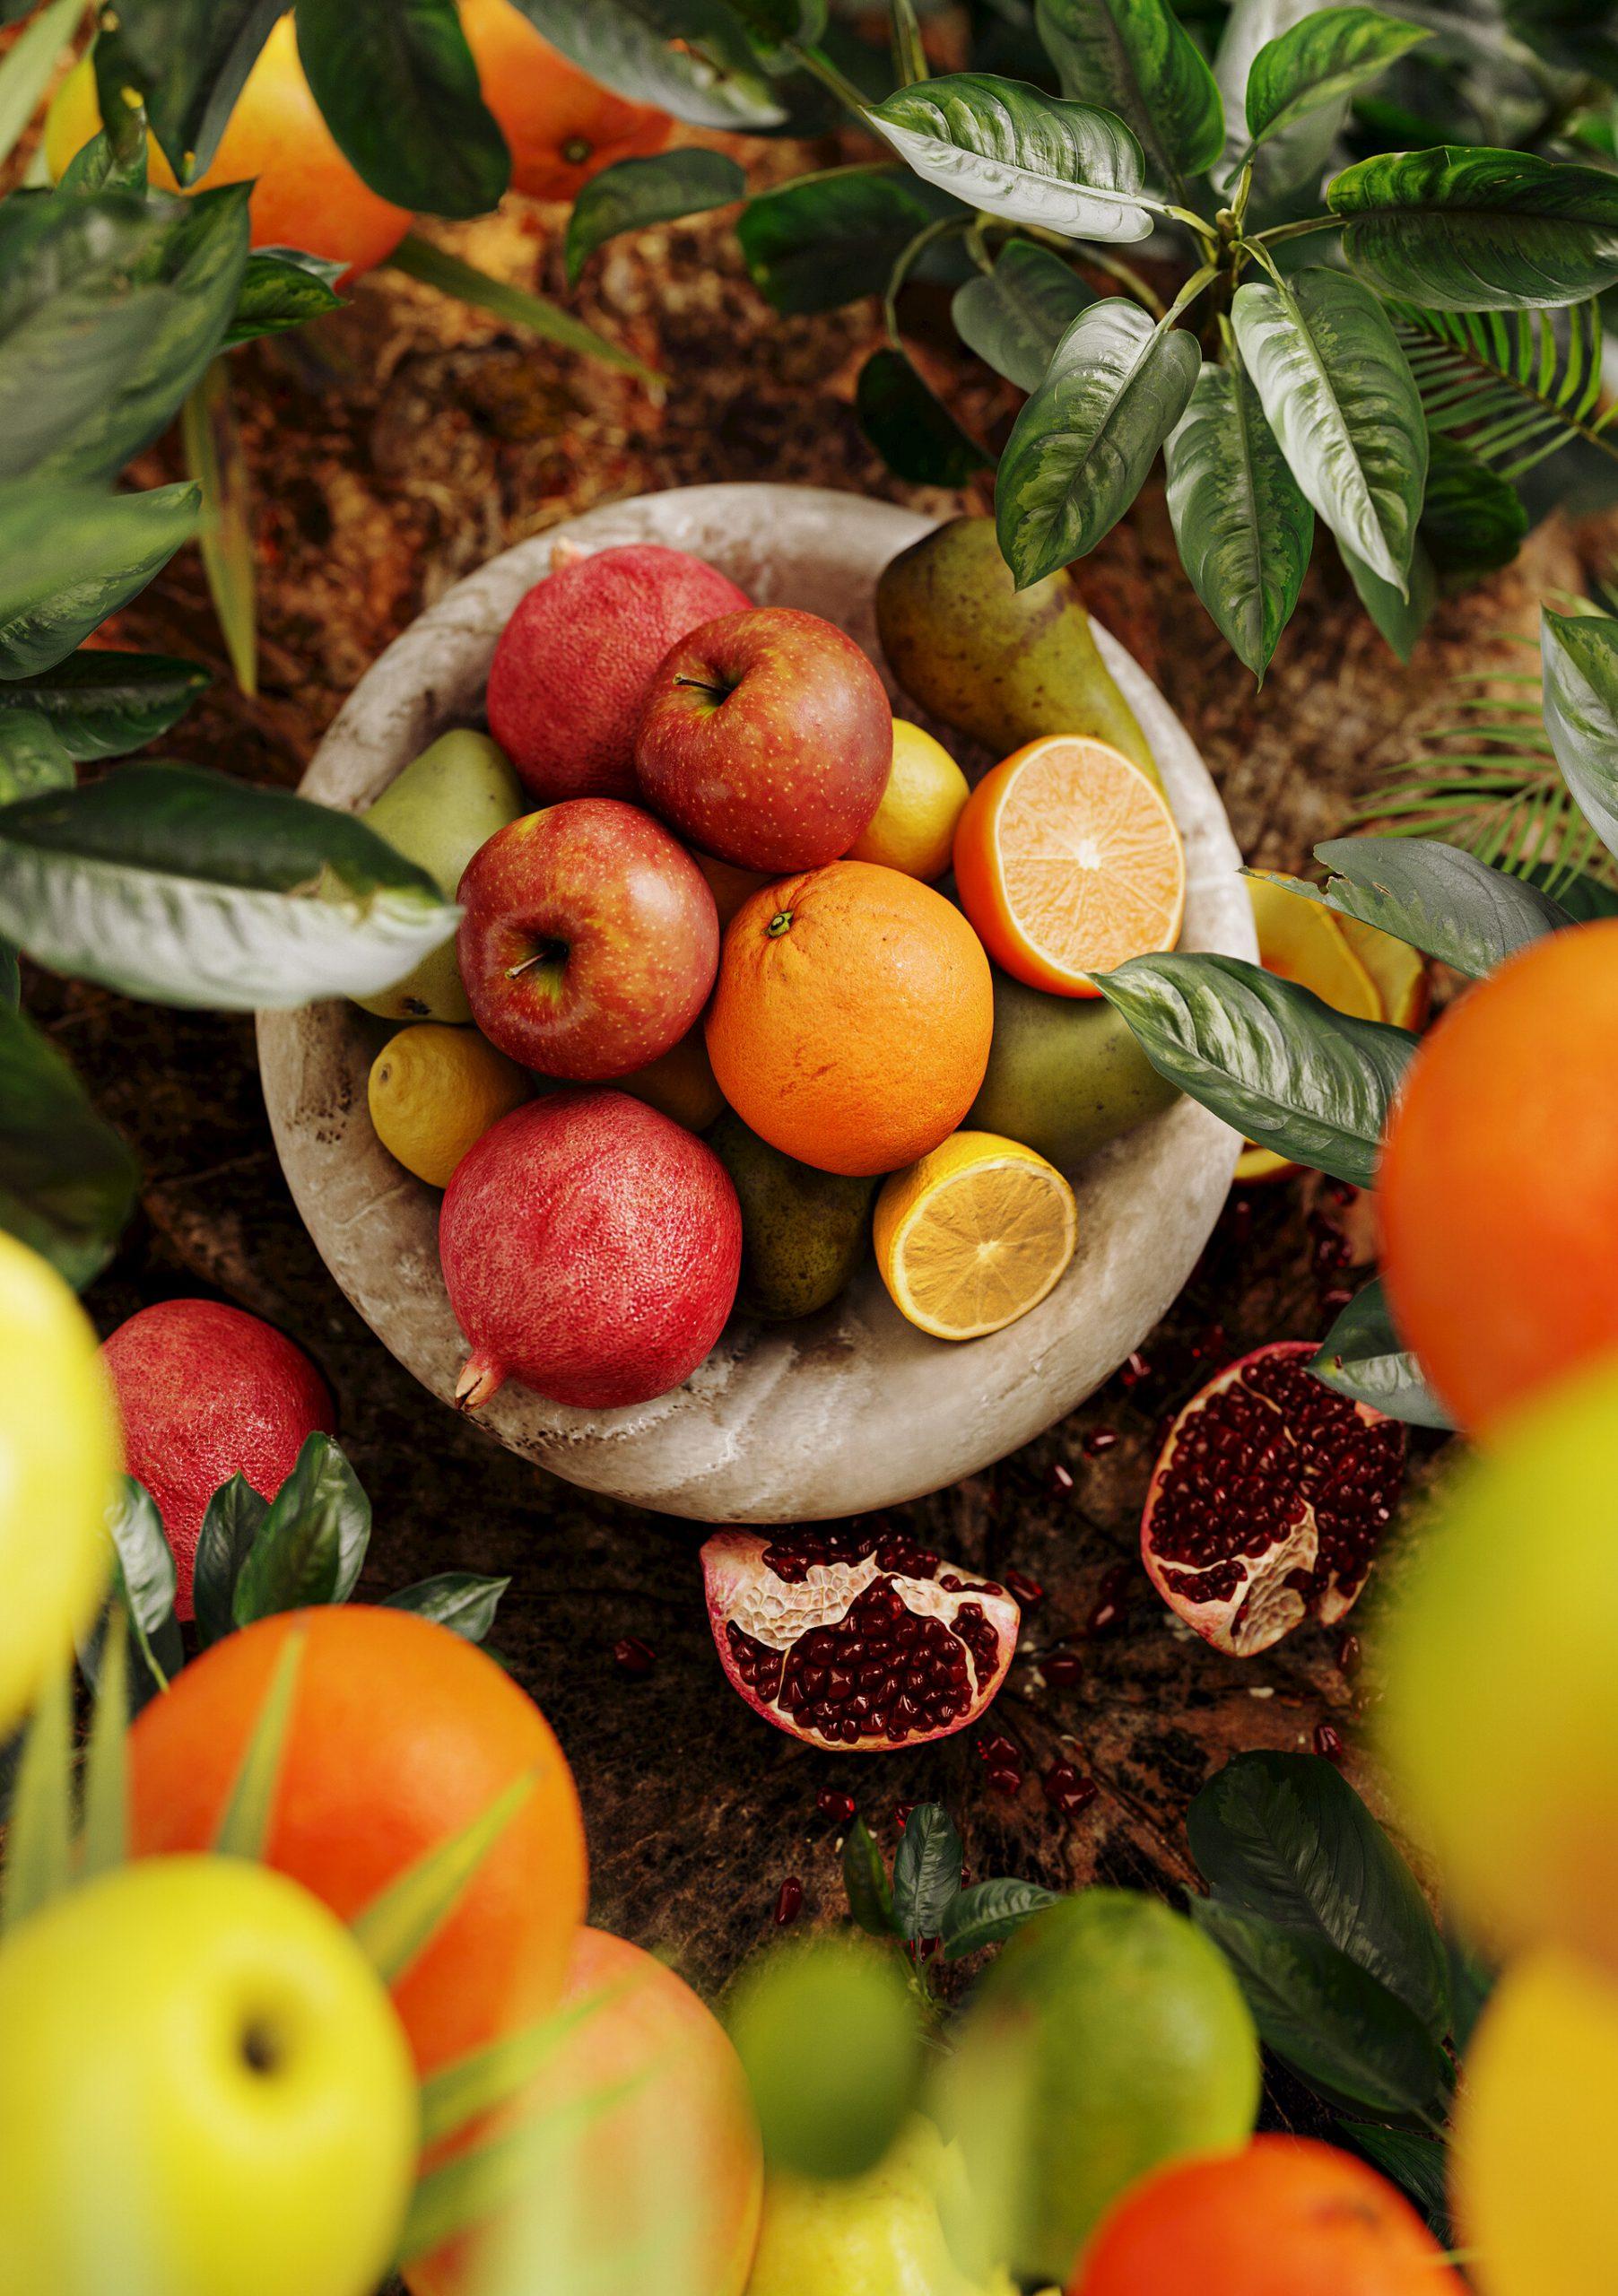 Wizualizacja produktowa na konkurs owoce w tropikalnym ujęciu umieszczone w półmisku, jabłko cytryna granat pomarańcz fotorealistyczna wizualizacja natury